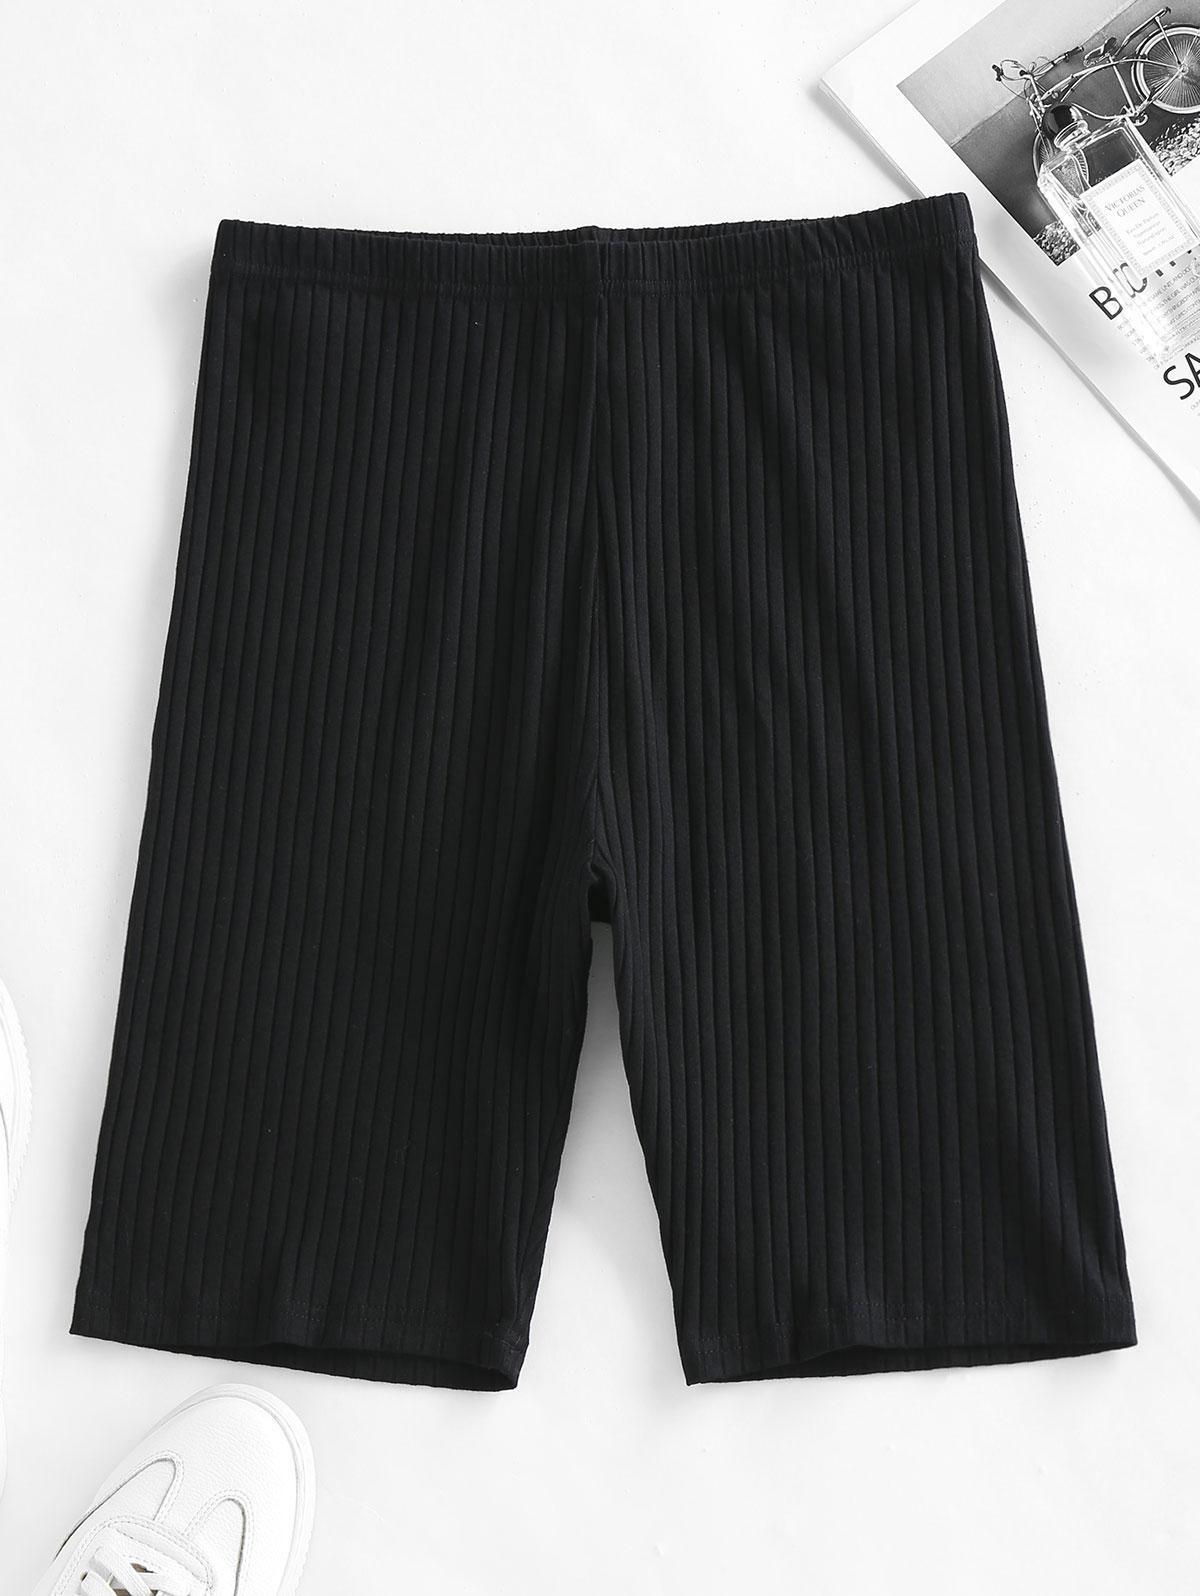 ZAFUL Ribbed High Waisted Biker Shorts